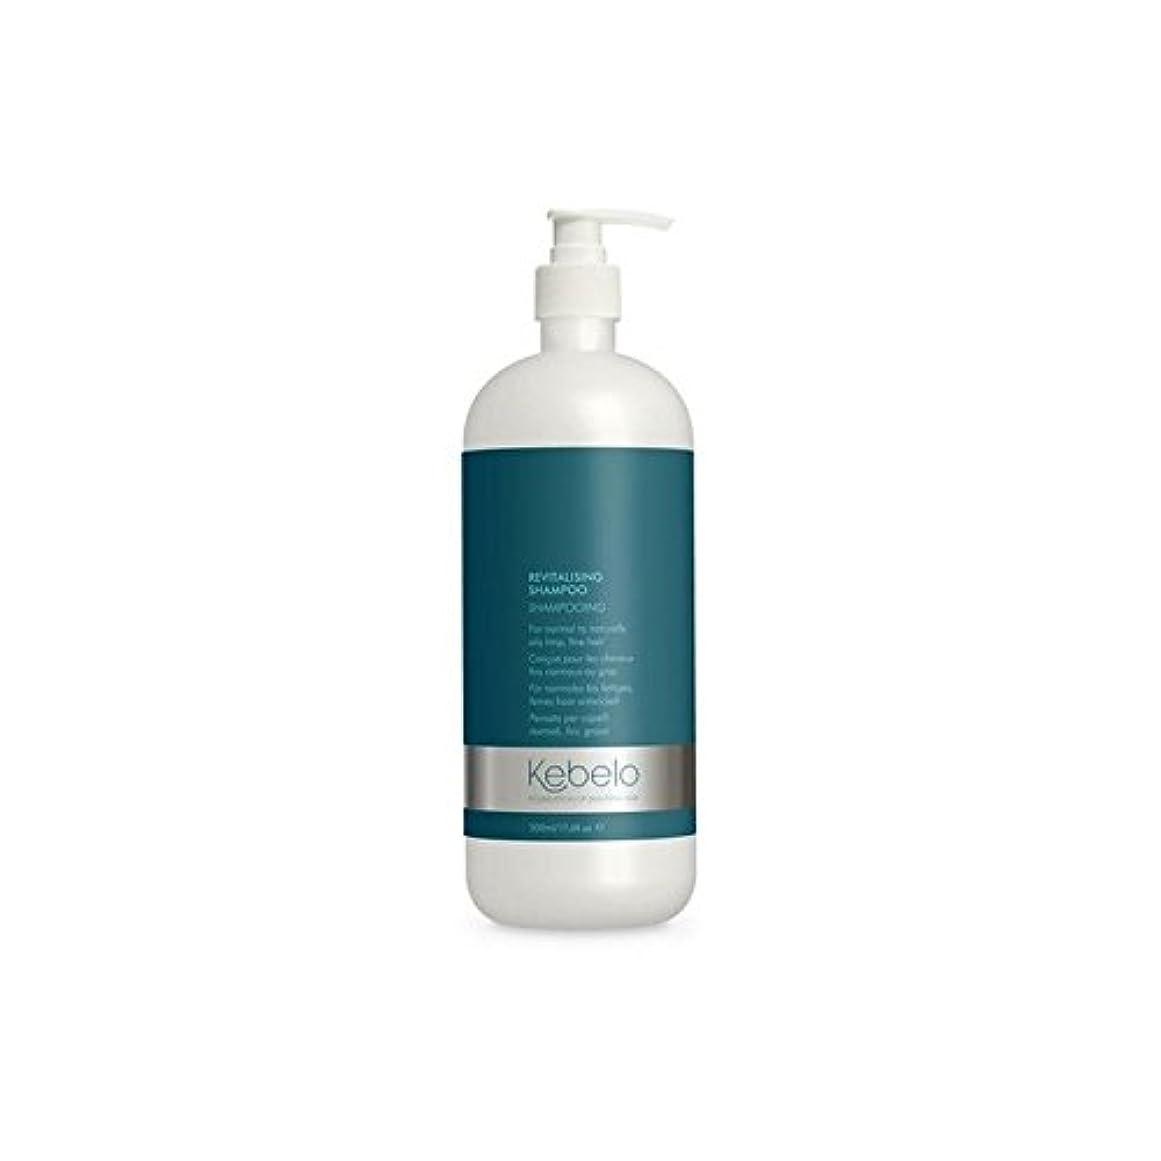 不信に向けて出発ゆるくKebelo Revitalising Shampoo (500ml) - 活力シャンプー(500ミリリットル) [並行輸入品]